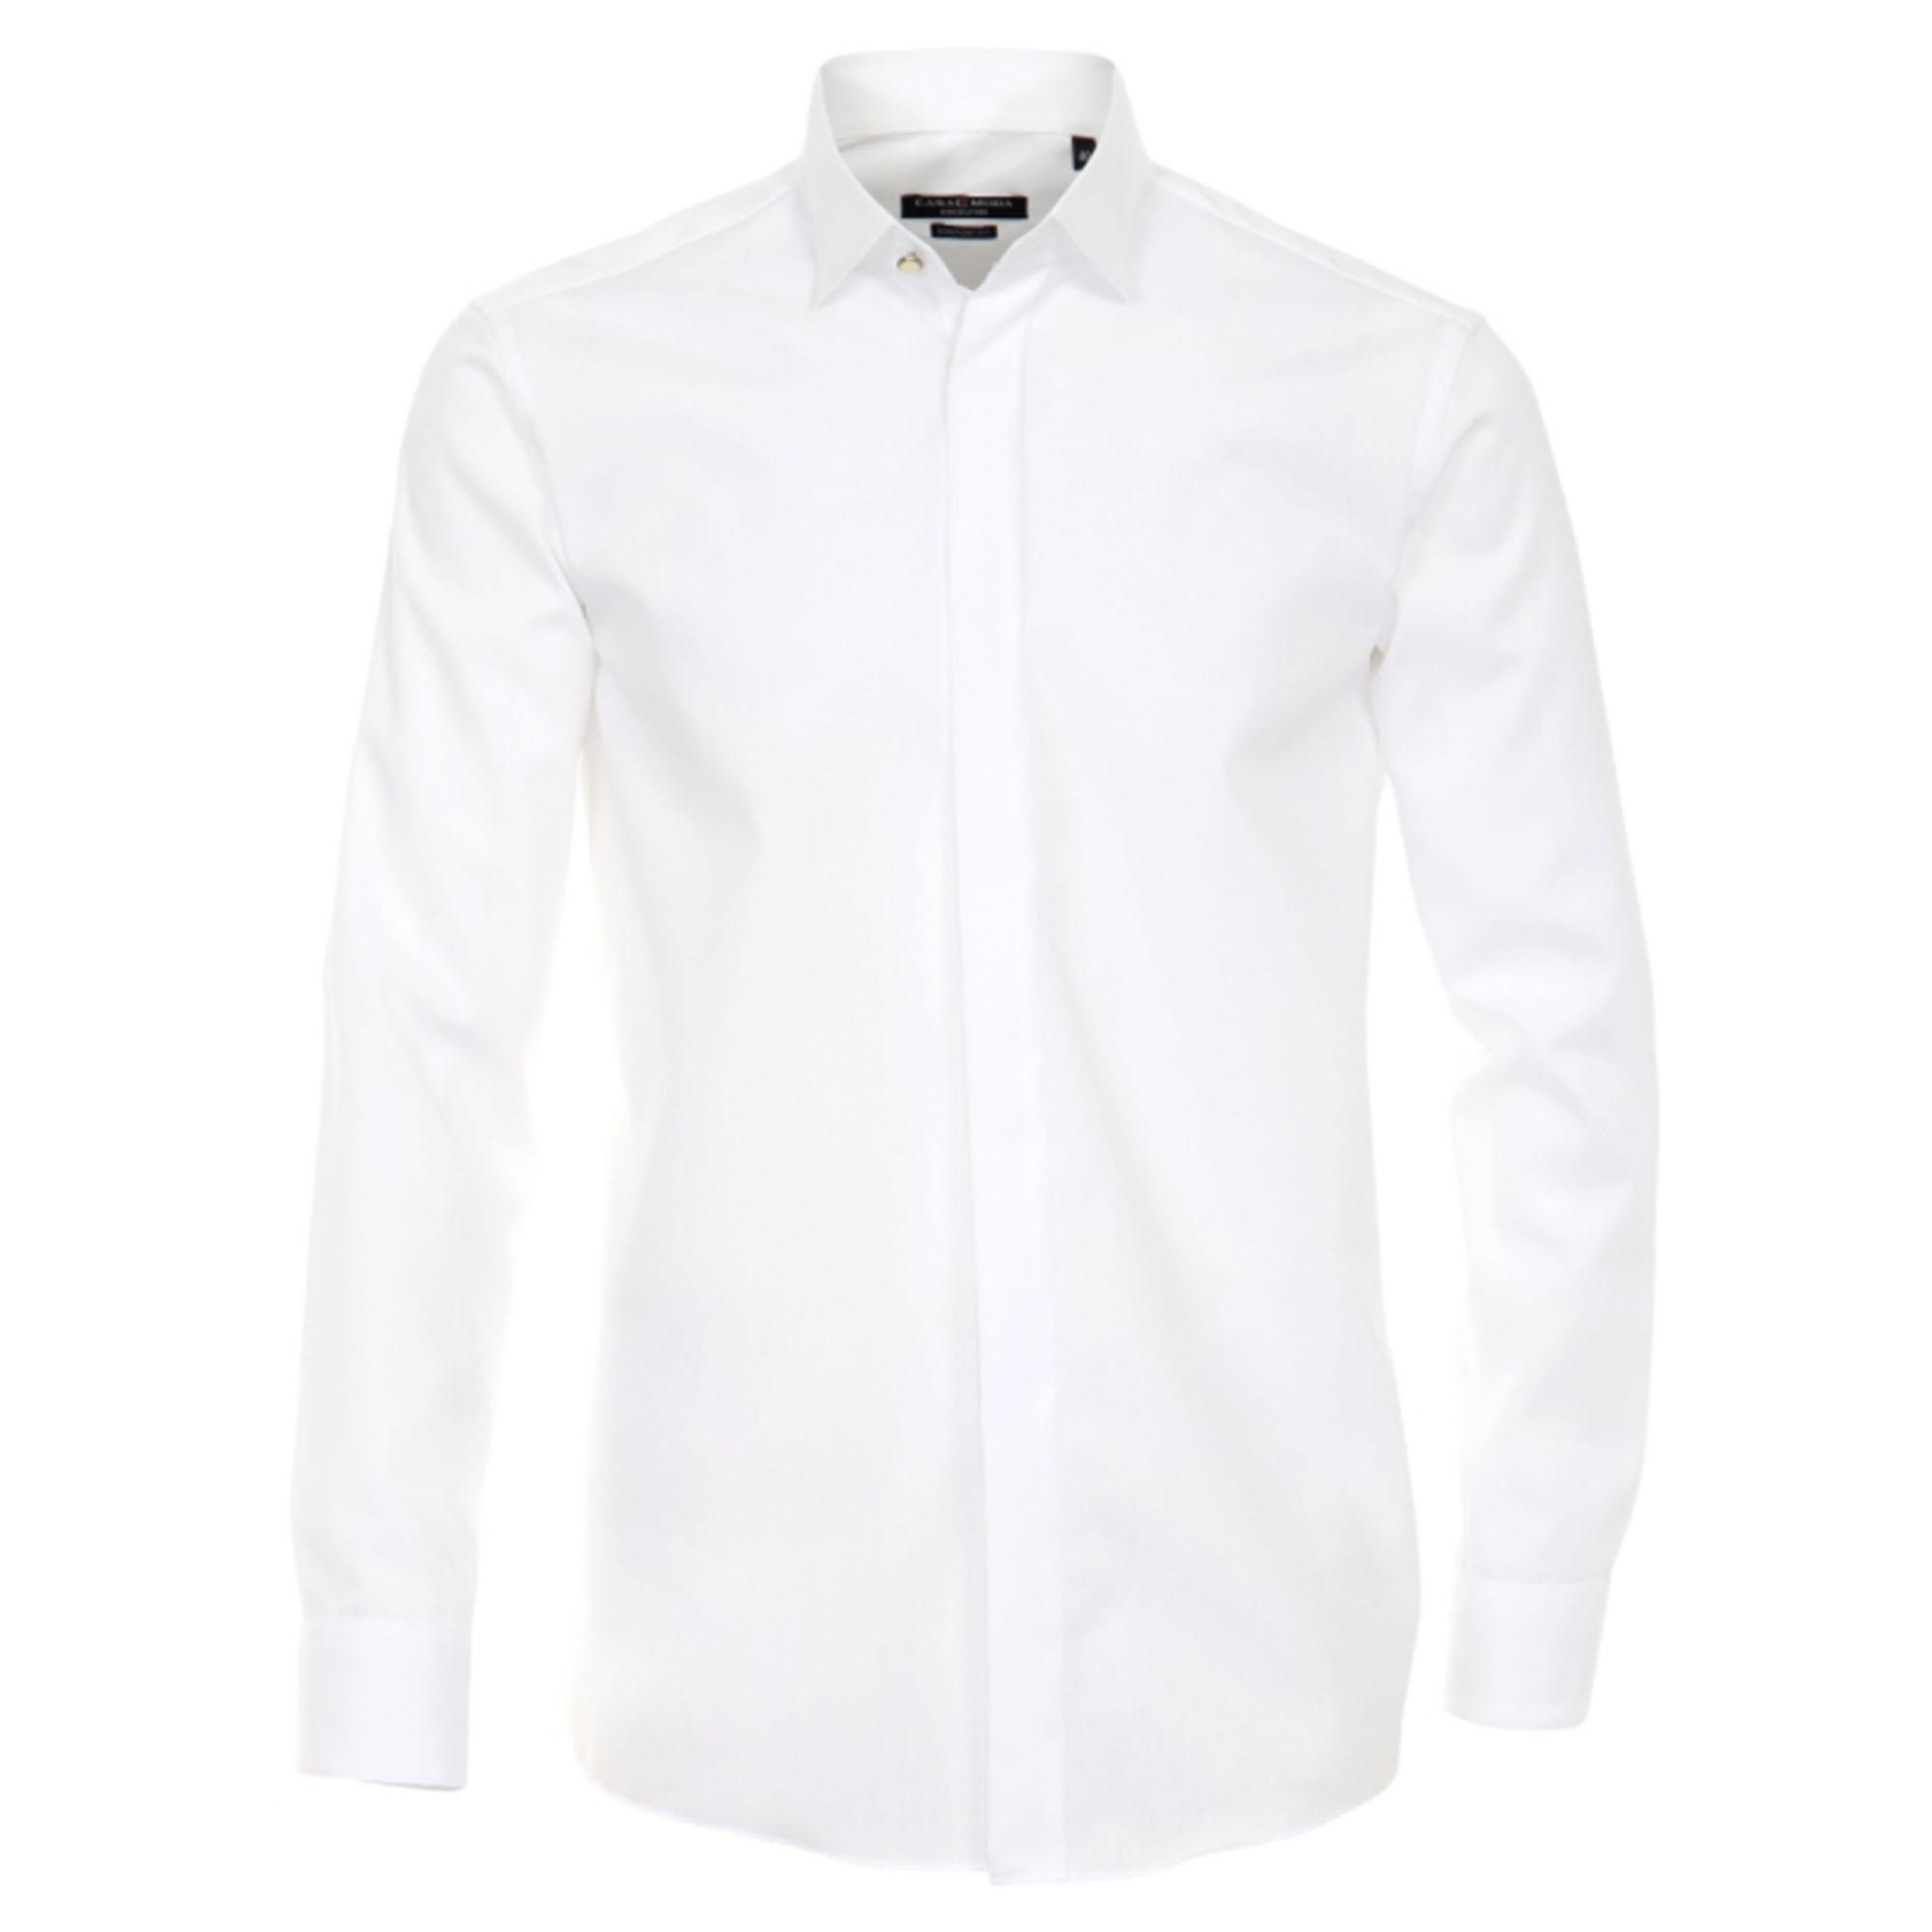 676fddc8e7356b Casa Moda shirt HL1 white shark collar - Paul Malone Shop